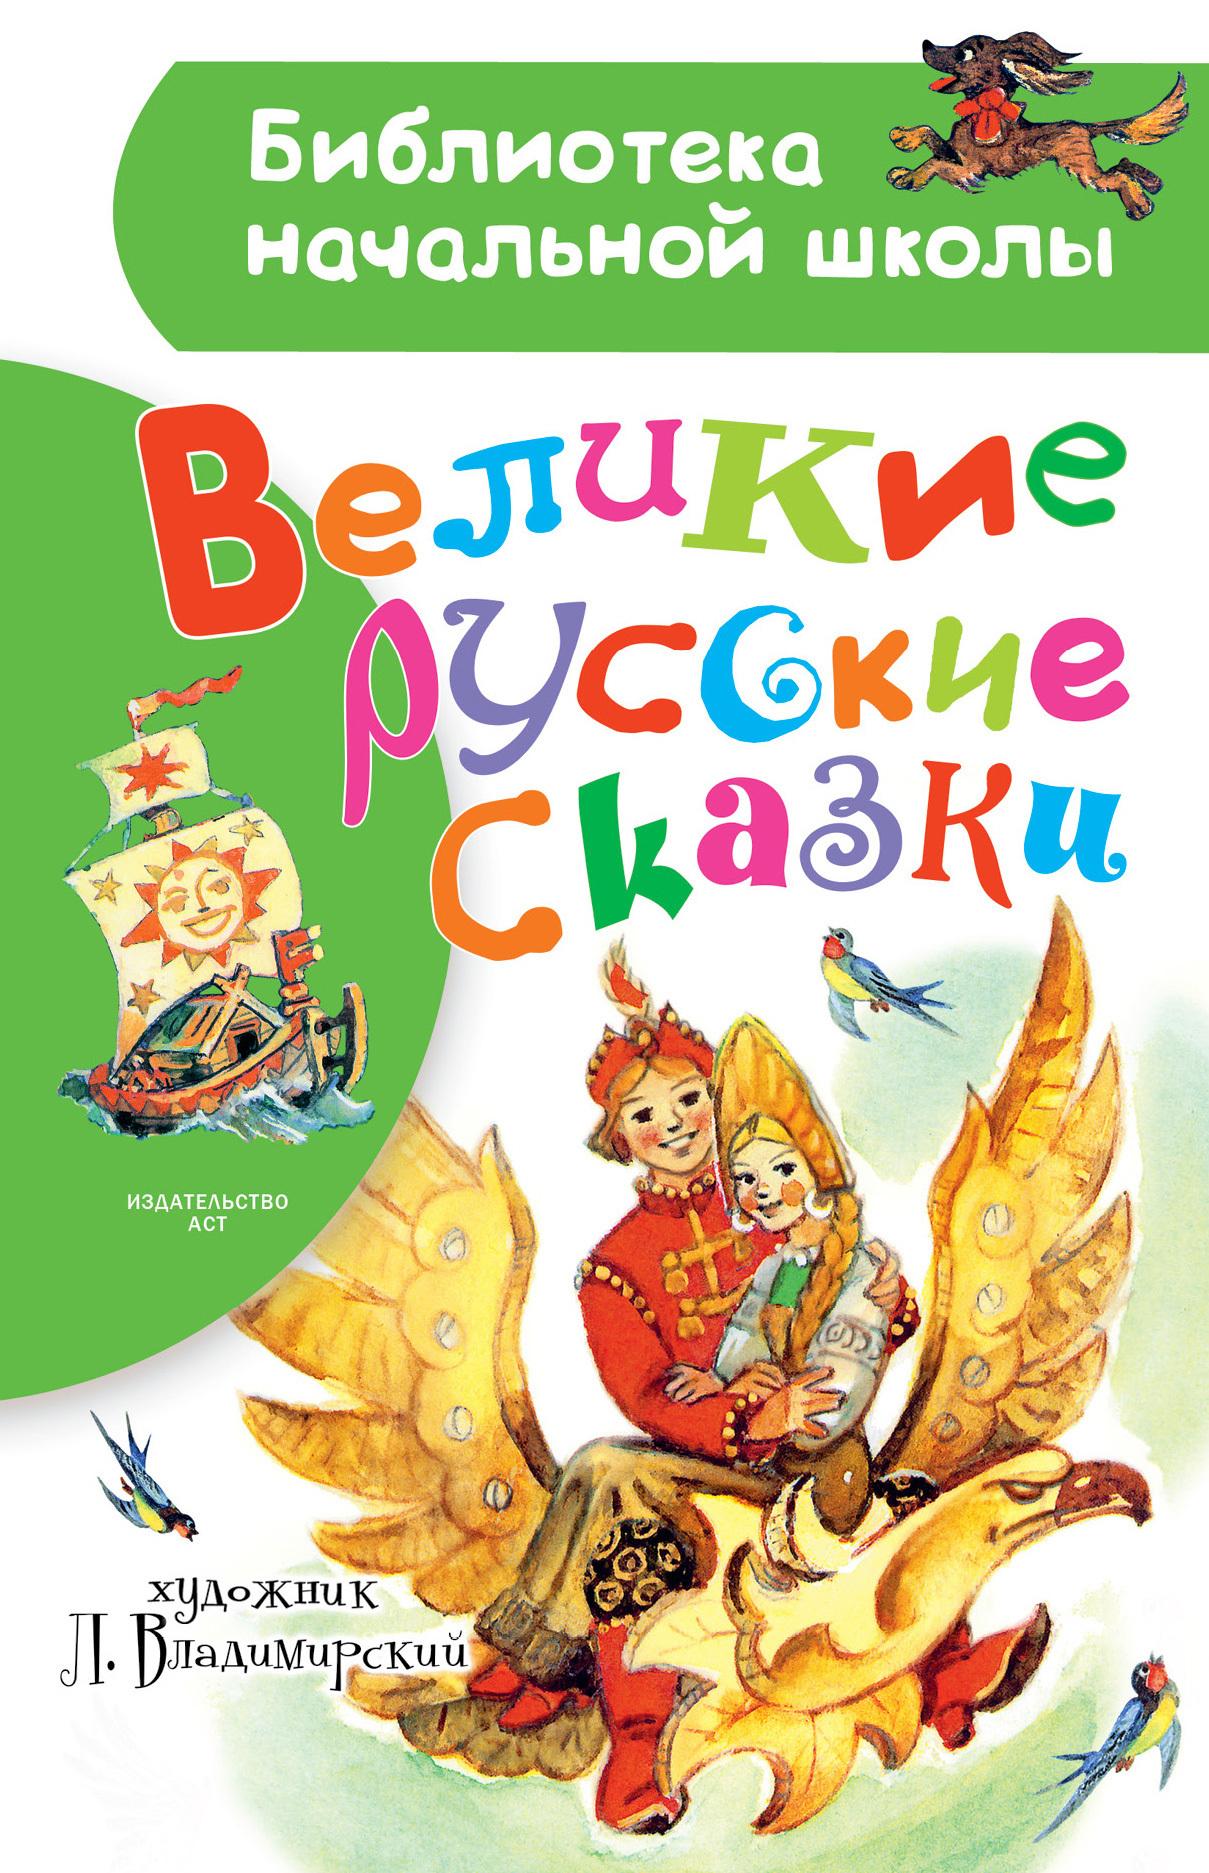 Народное творчество (Фольклор) - Великие русские сказки. Рисунки Л. Владимирского